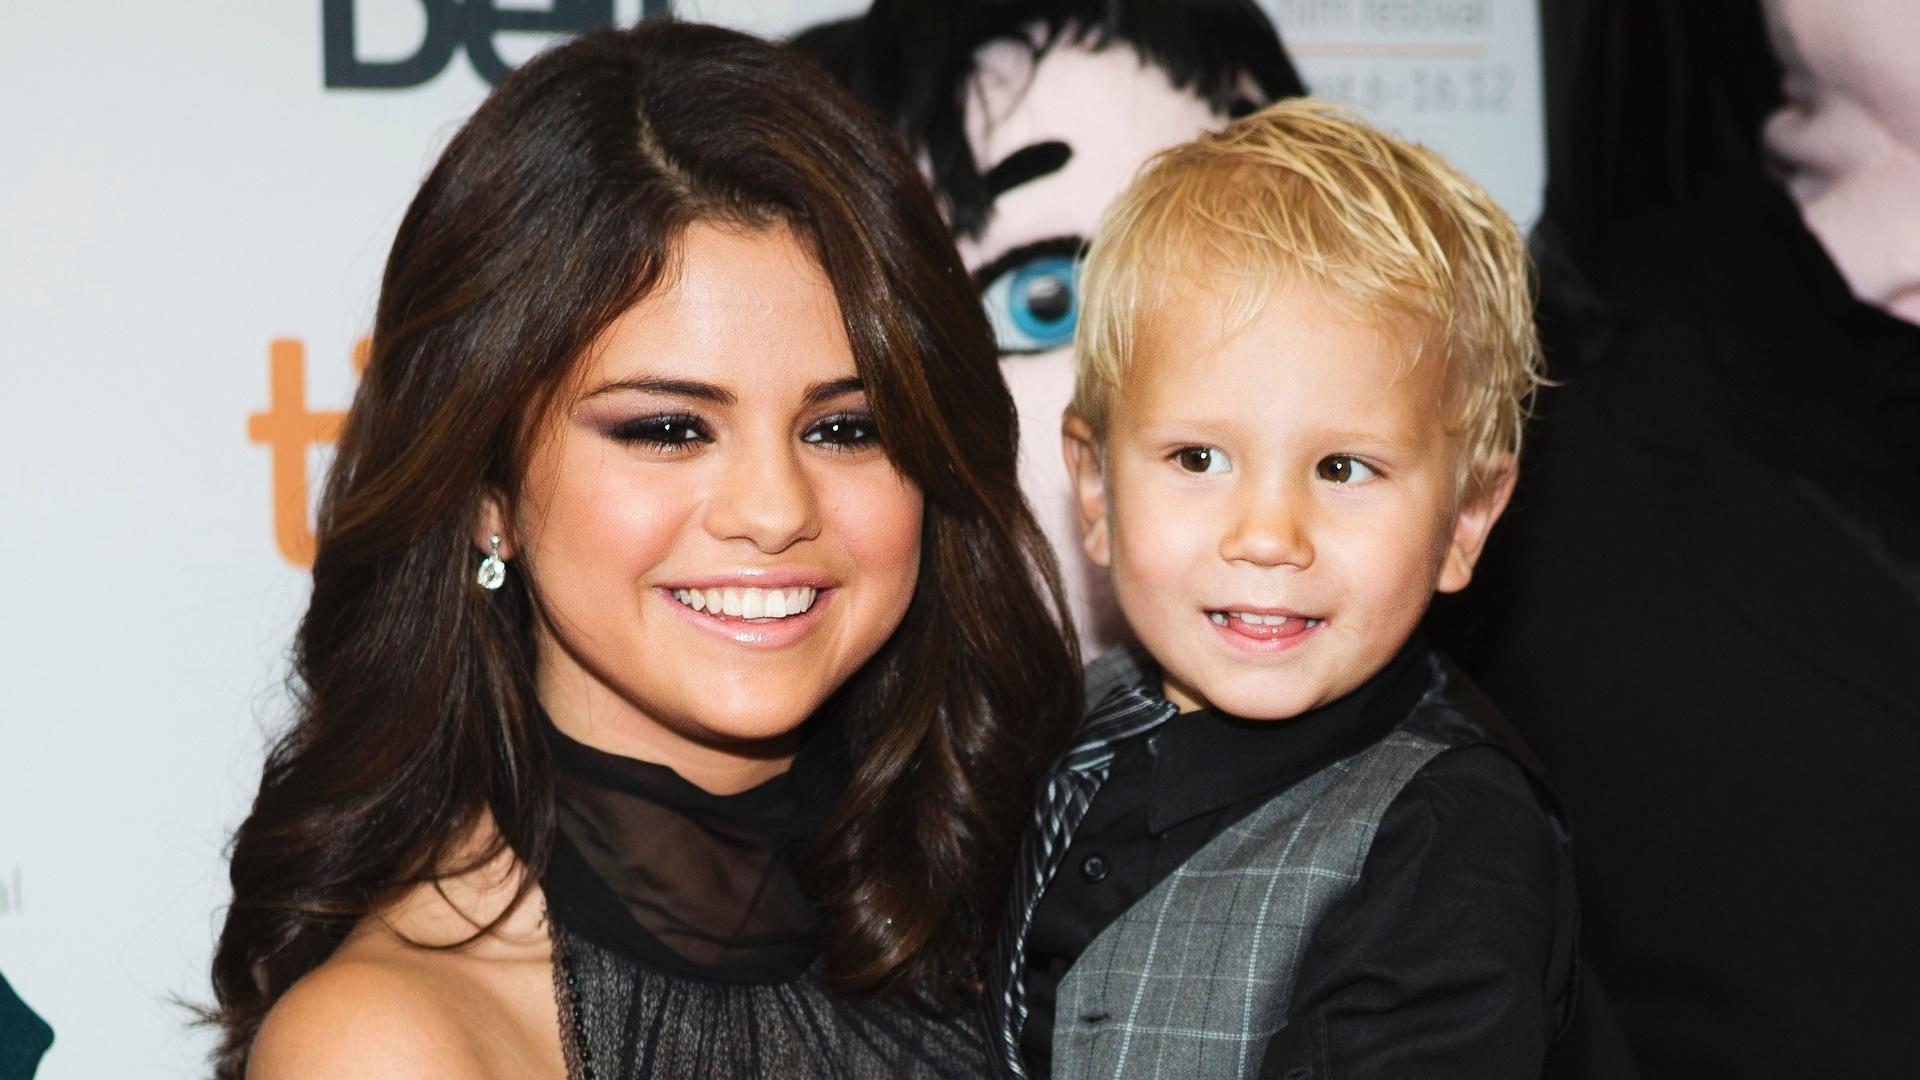 Selena Gomez segura o cunhado, Jaxon Bieber, na pré-estreia do filme